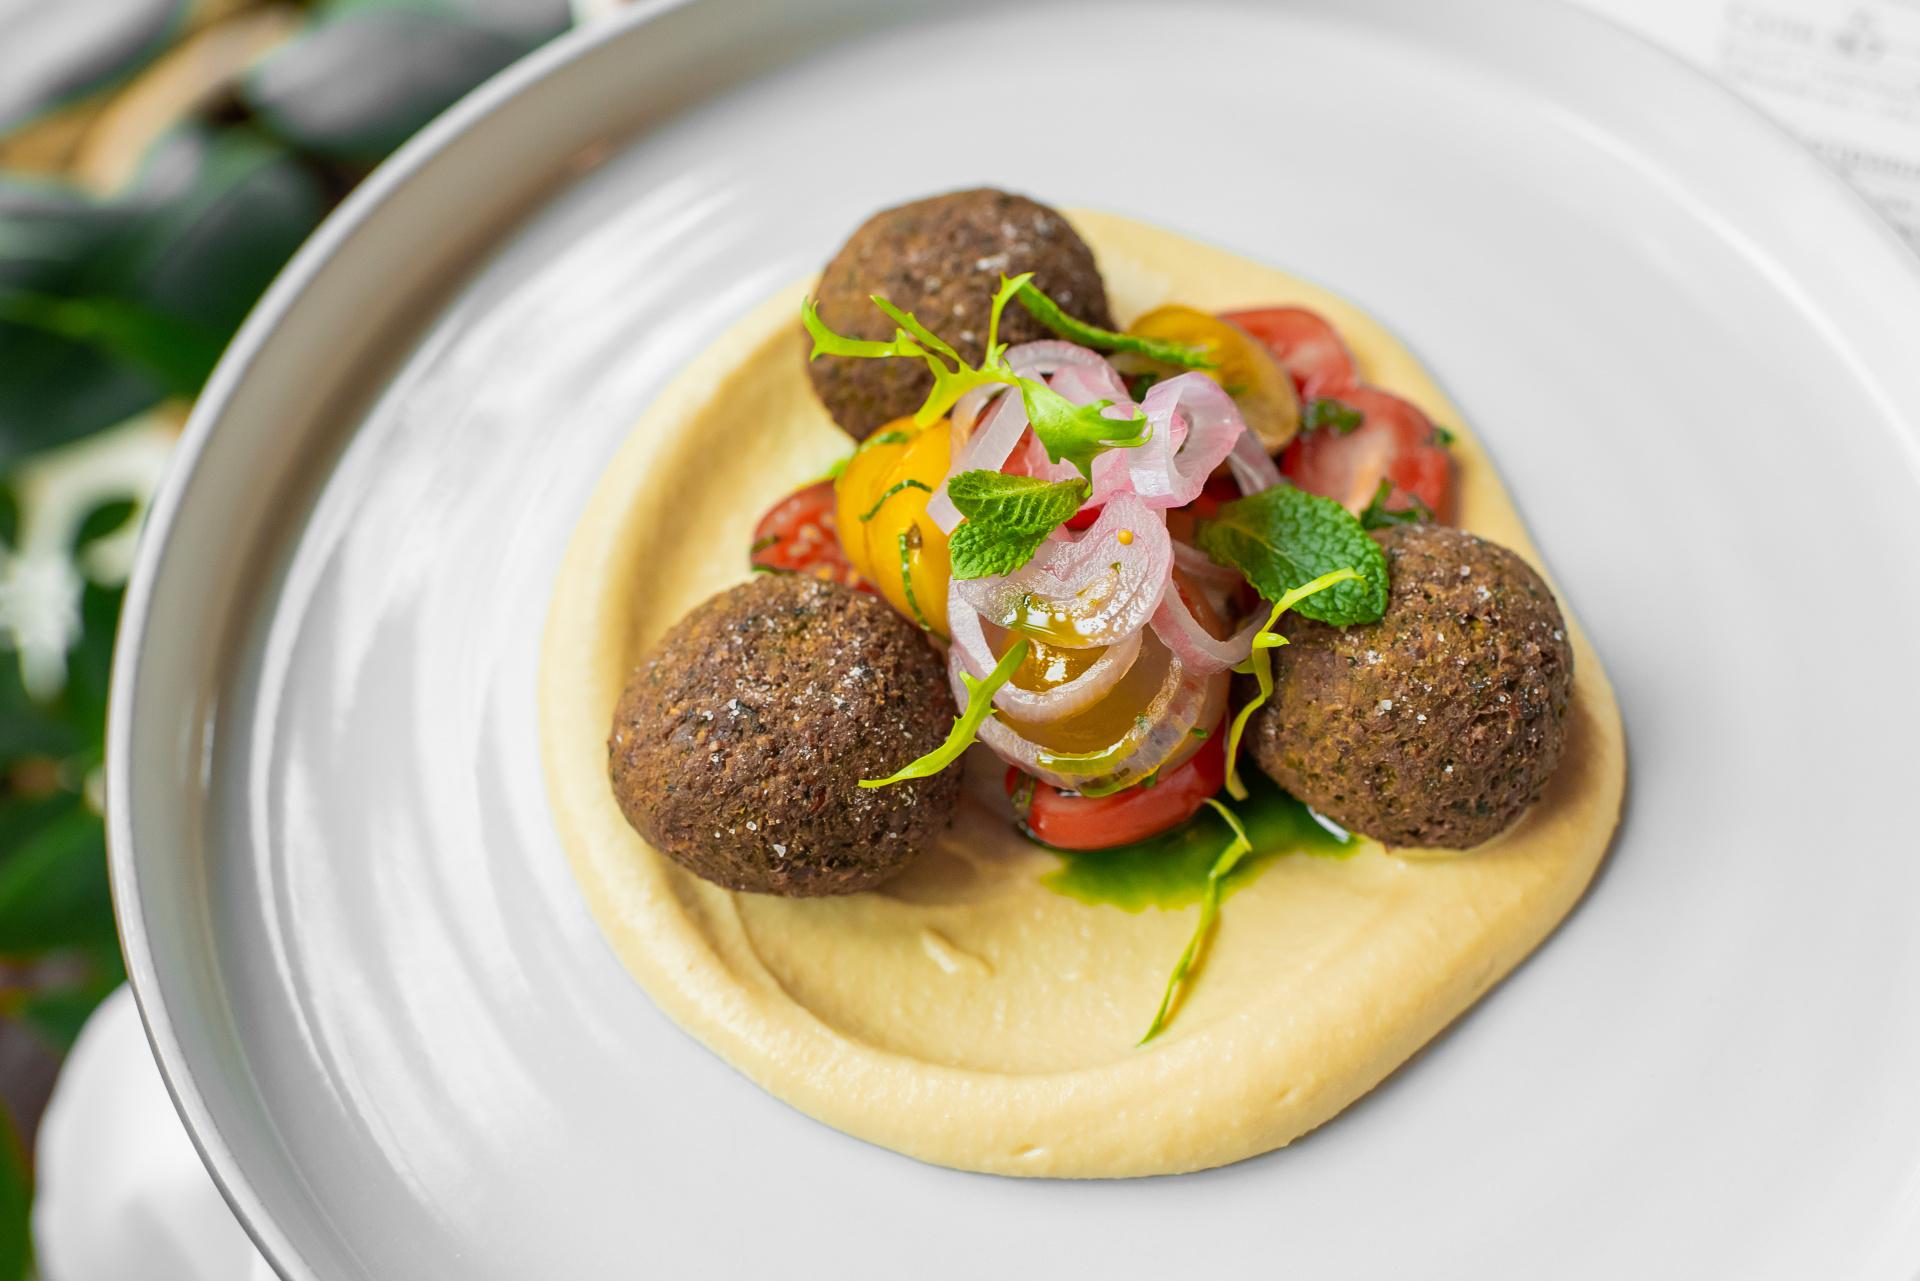 Felafel, krém z hummusu a tahini pasty, salát z malých rajčat a máty, marinovaná šalotka